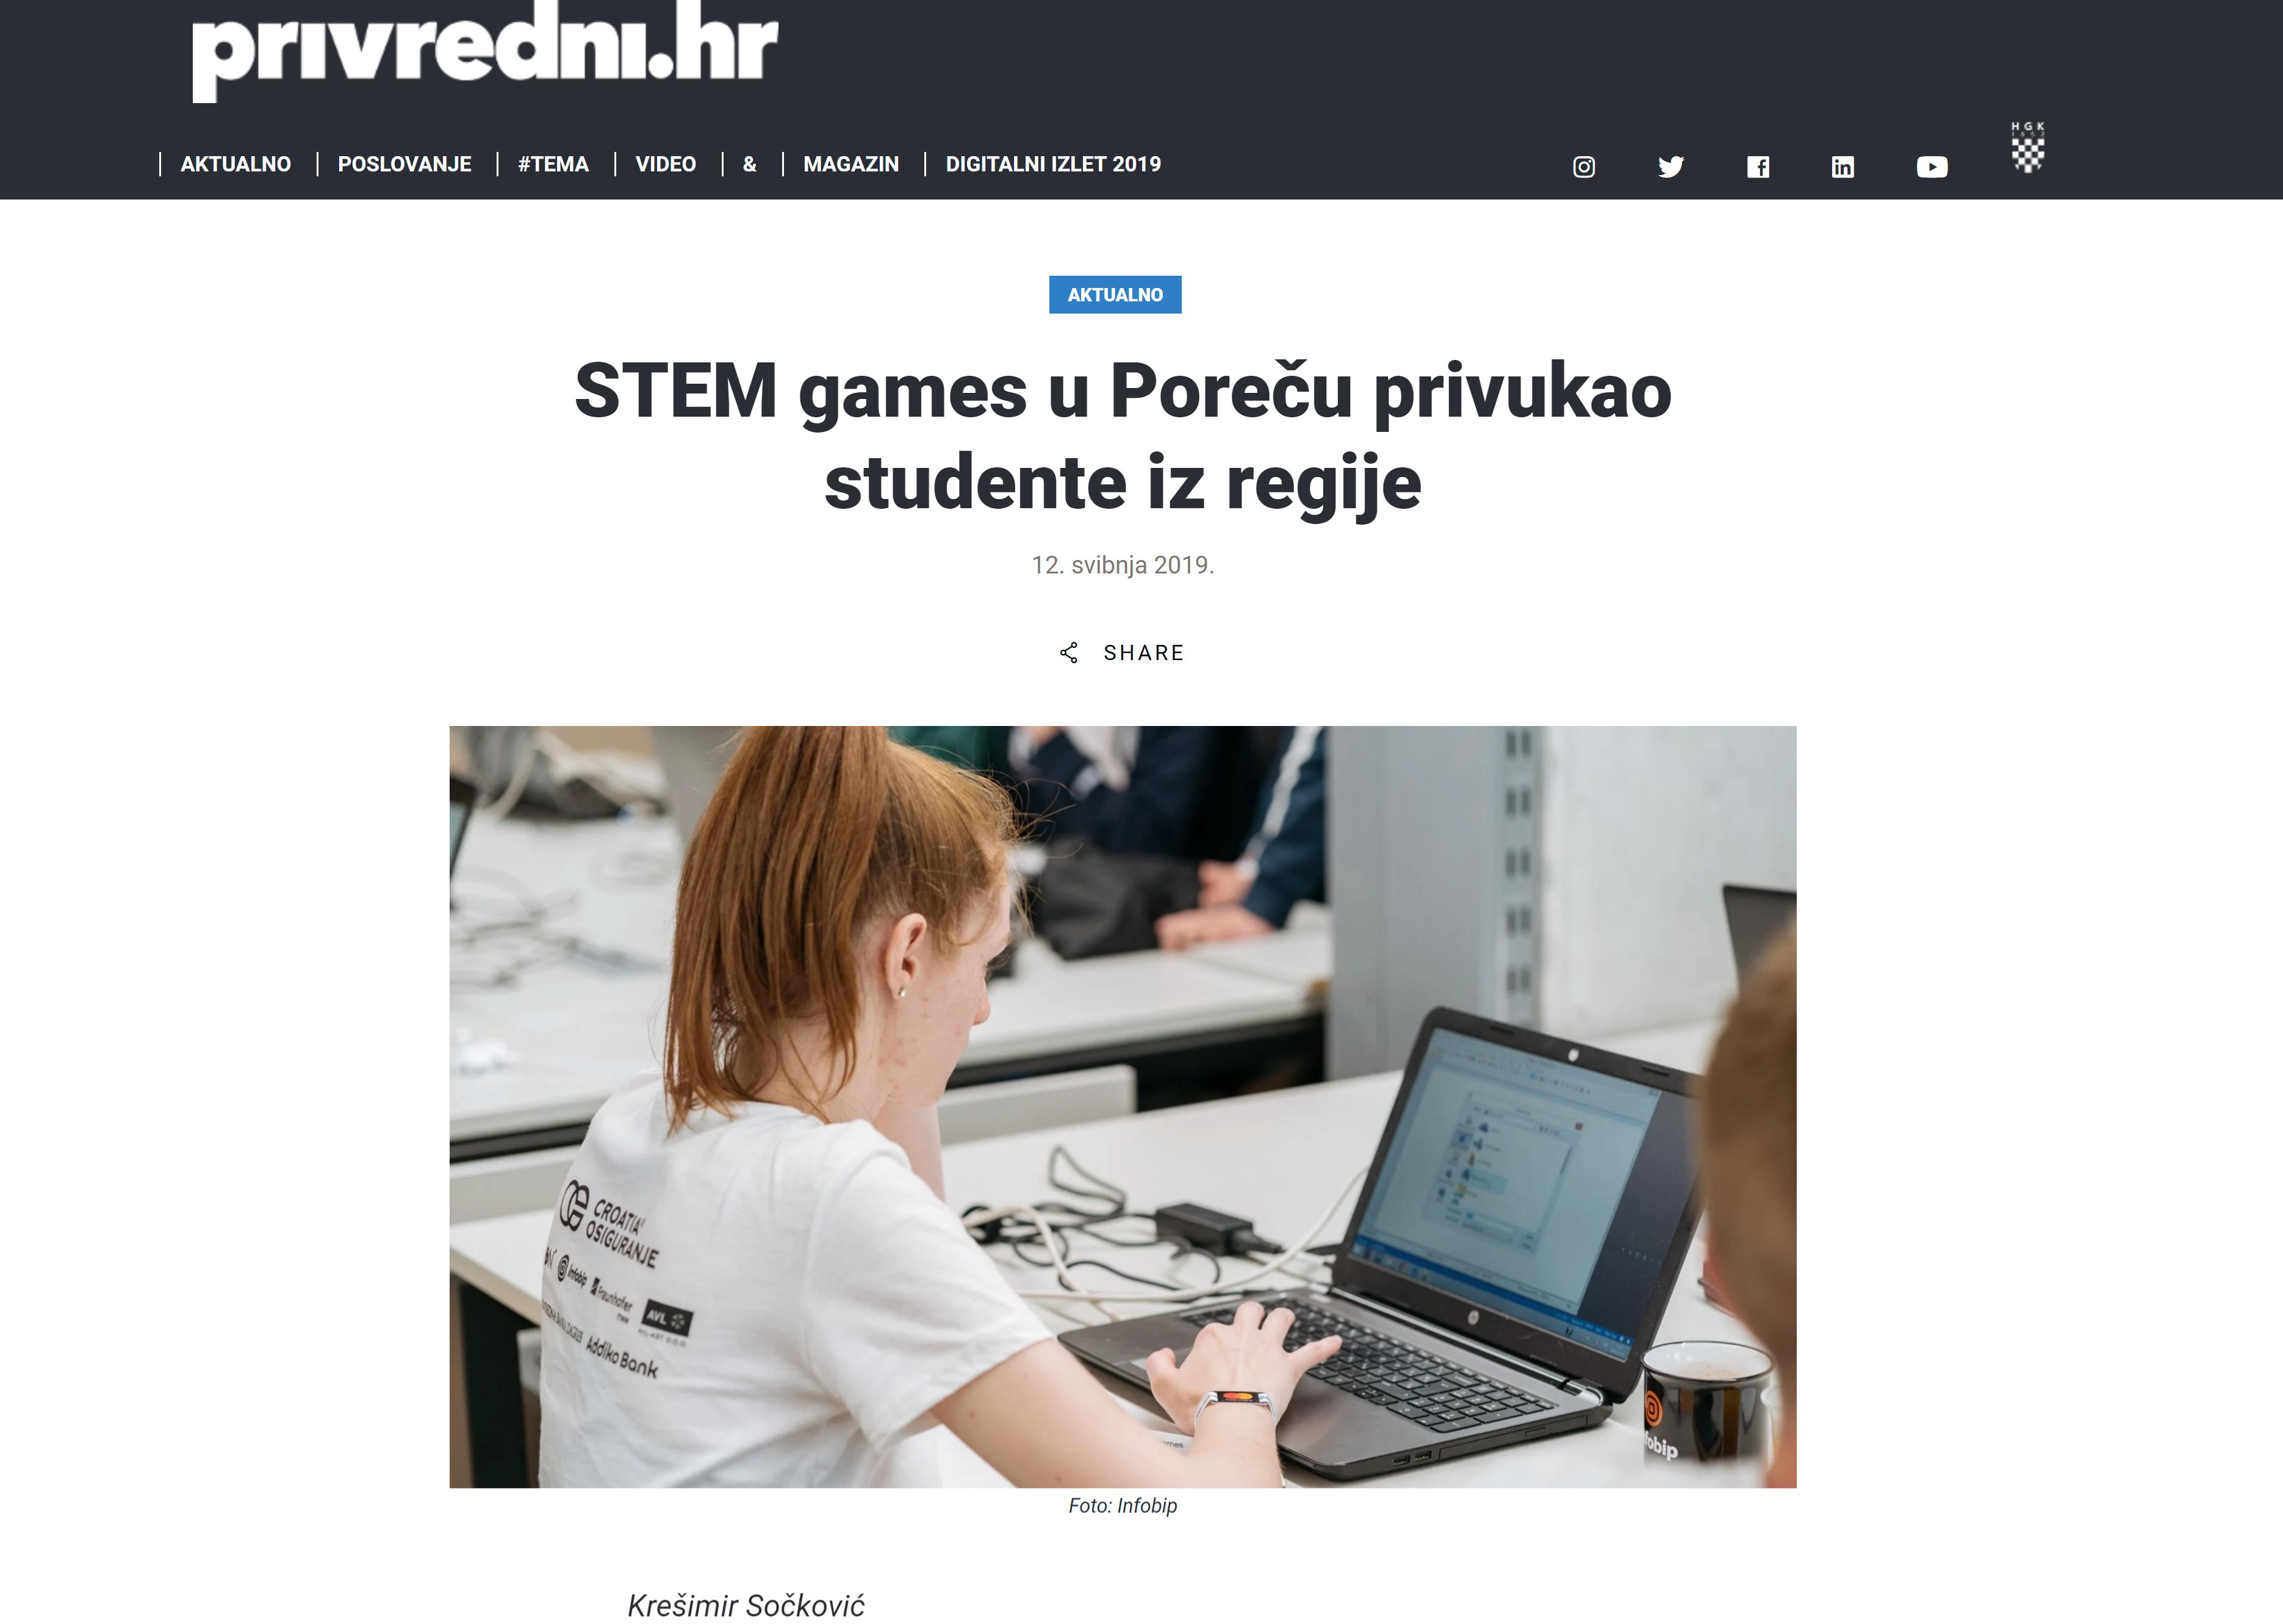 screencapture-privredni-hr-stem-games-u-porecu-privukao-natjecatelje-iz-regije-2019-06-06-06_12_05